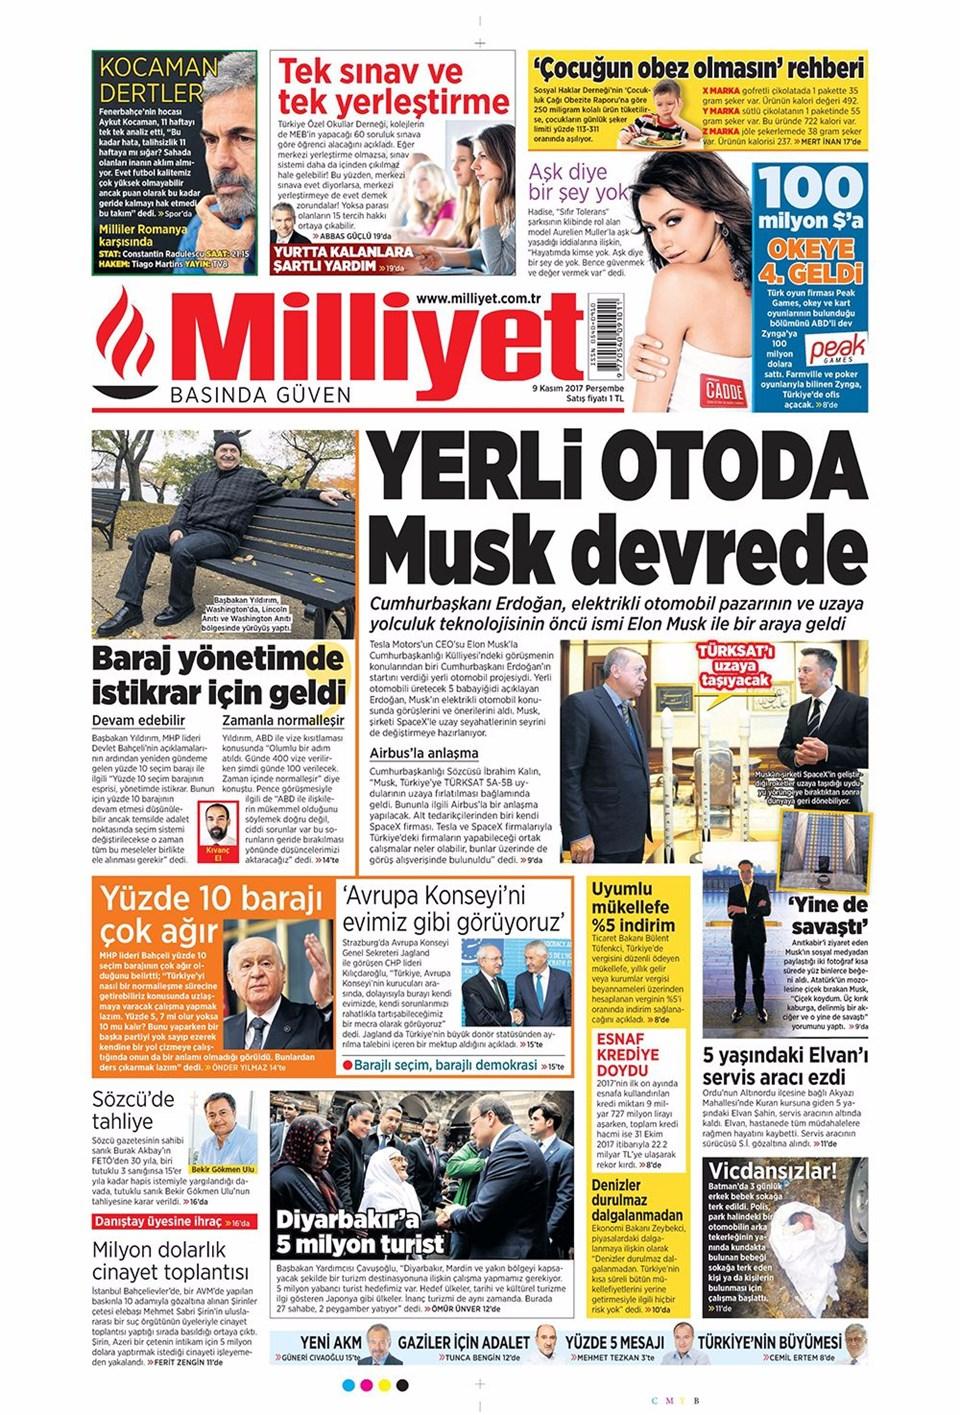 Basında bugün kim ne manşet attı? 9 kasım günün gazete manşetleri 14